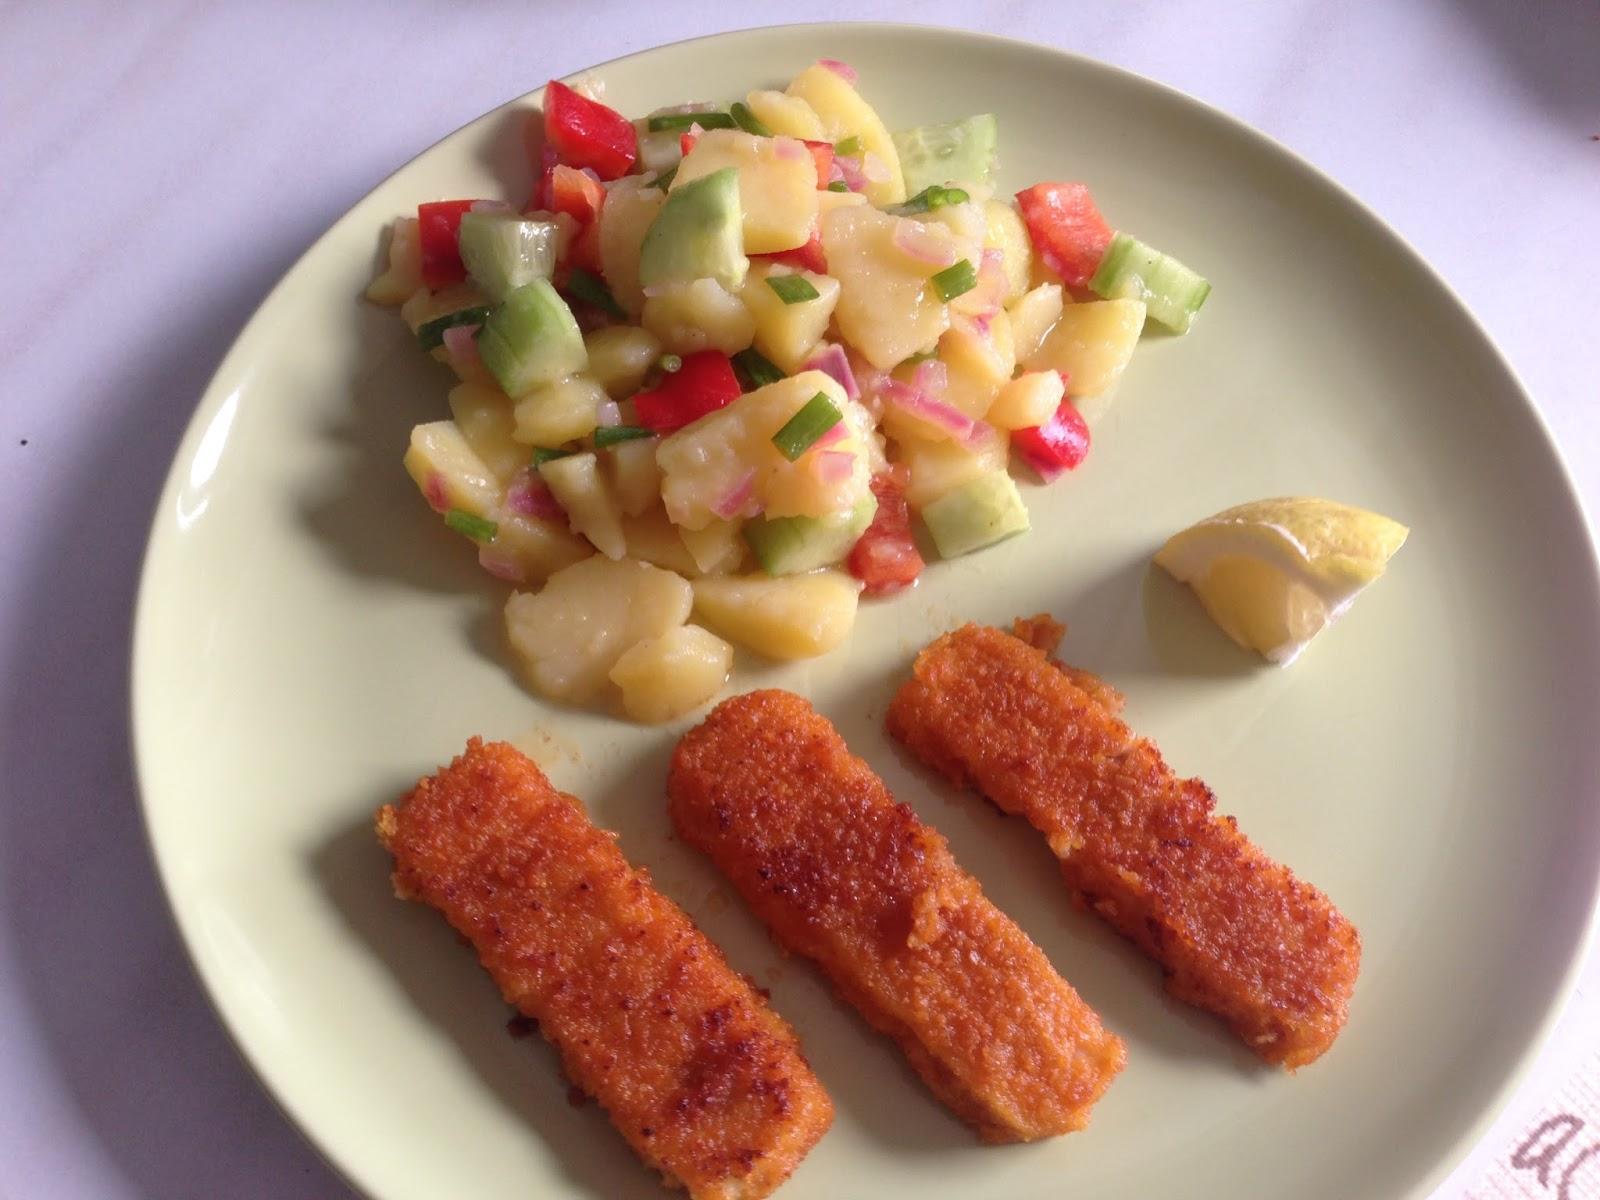 kochen f r kinder bunter kartoffelsalat mit paprika und gurke mit kinderaugen. Black Bedroom Furniture Sets. Home Design Ideas